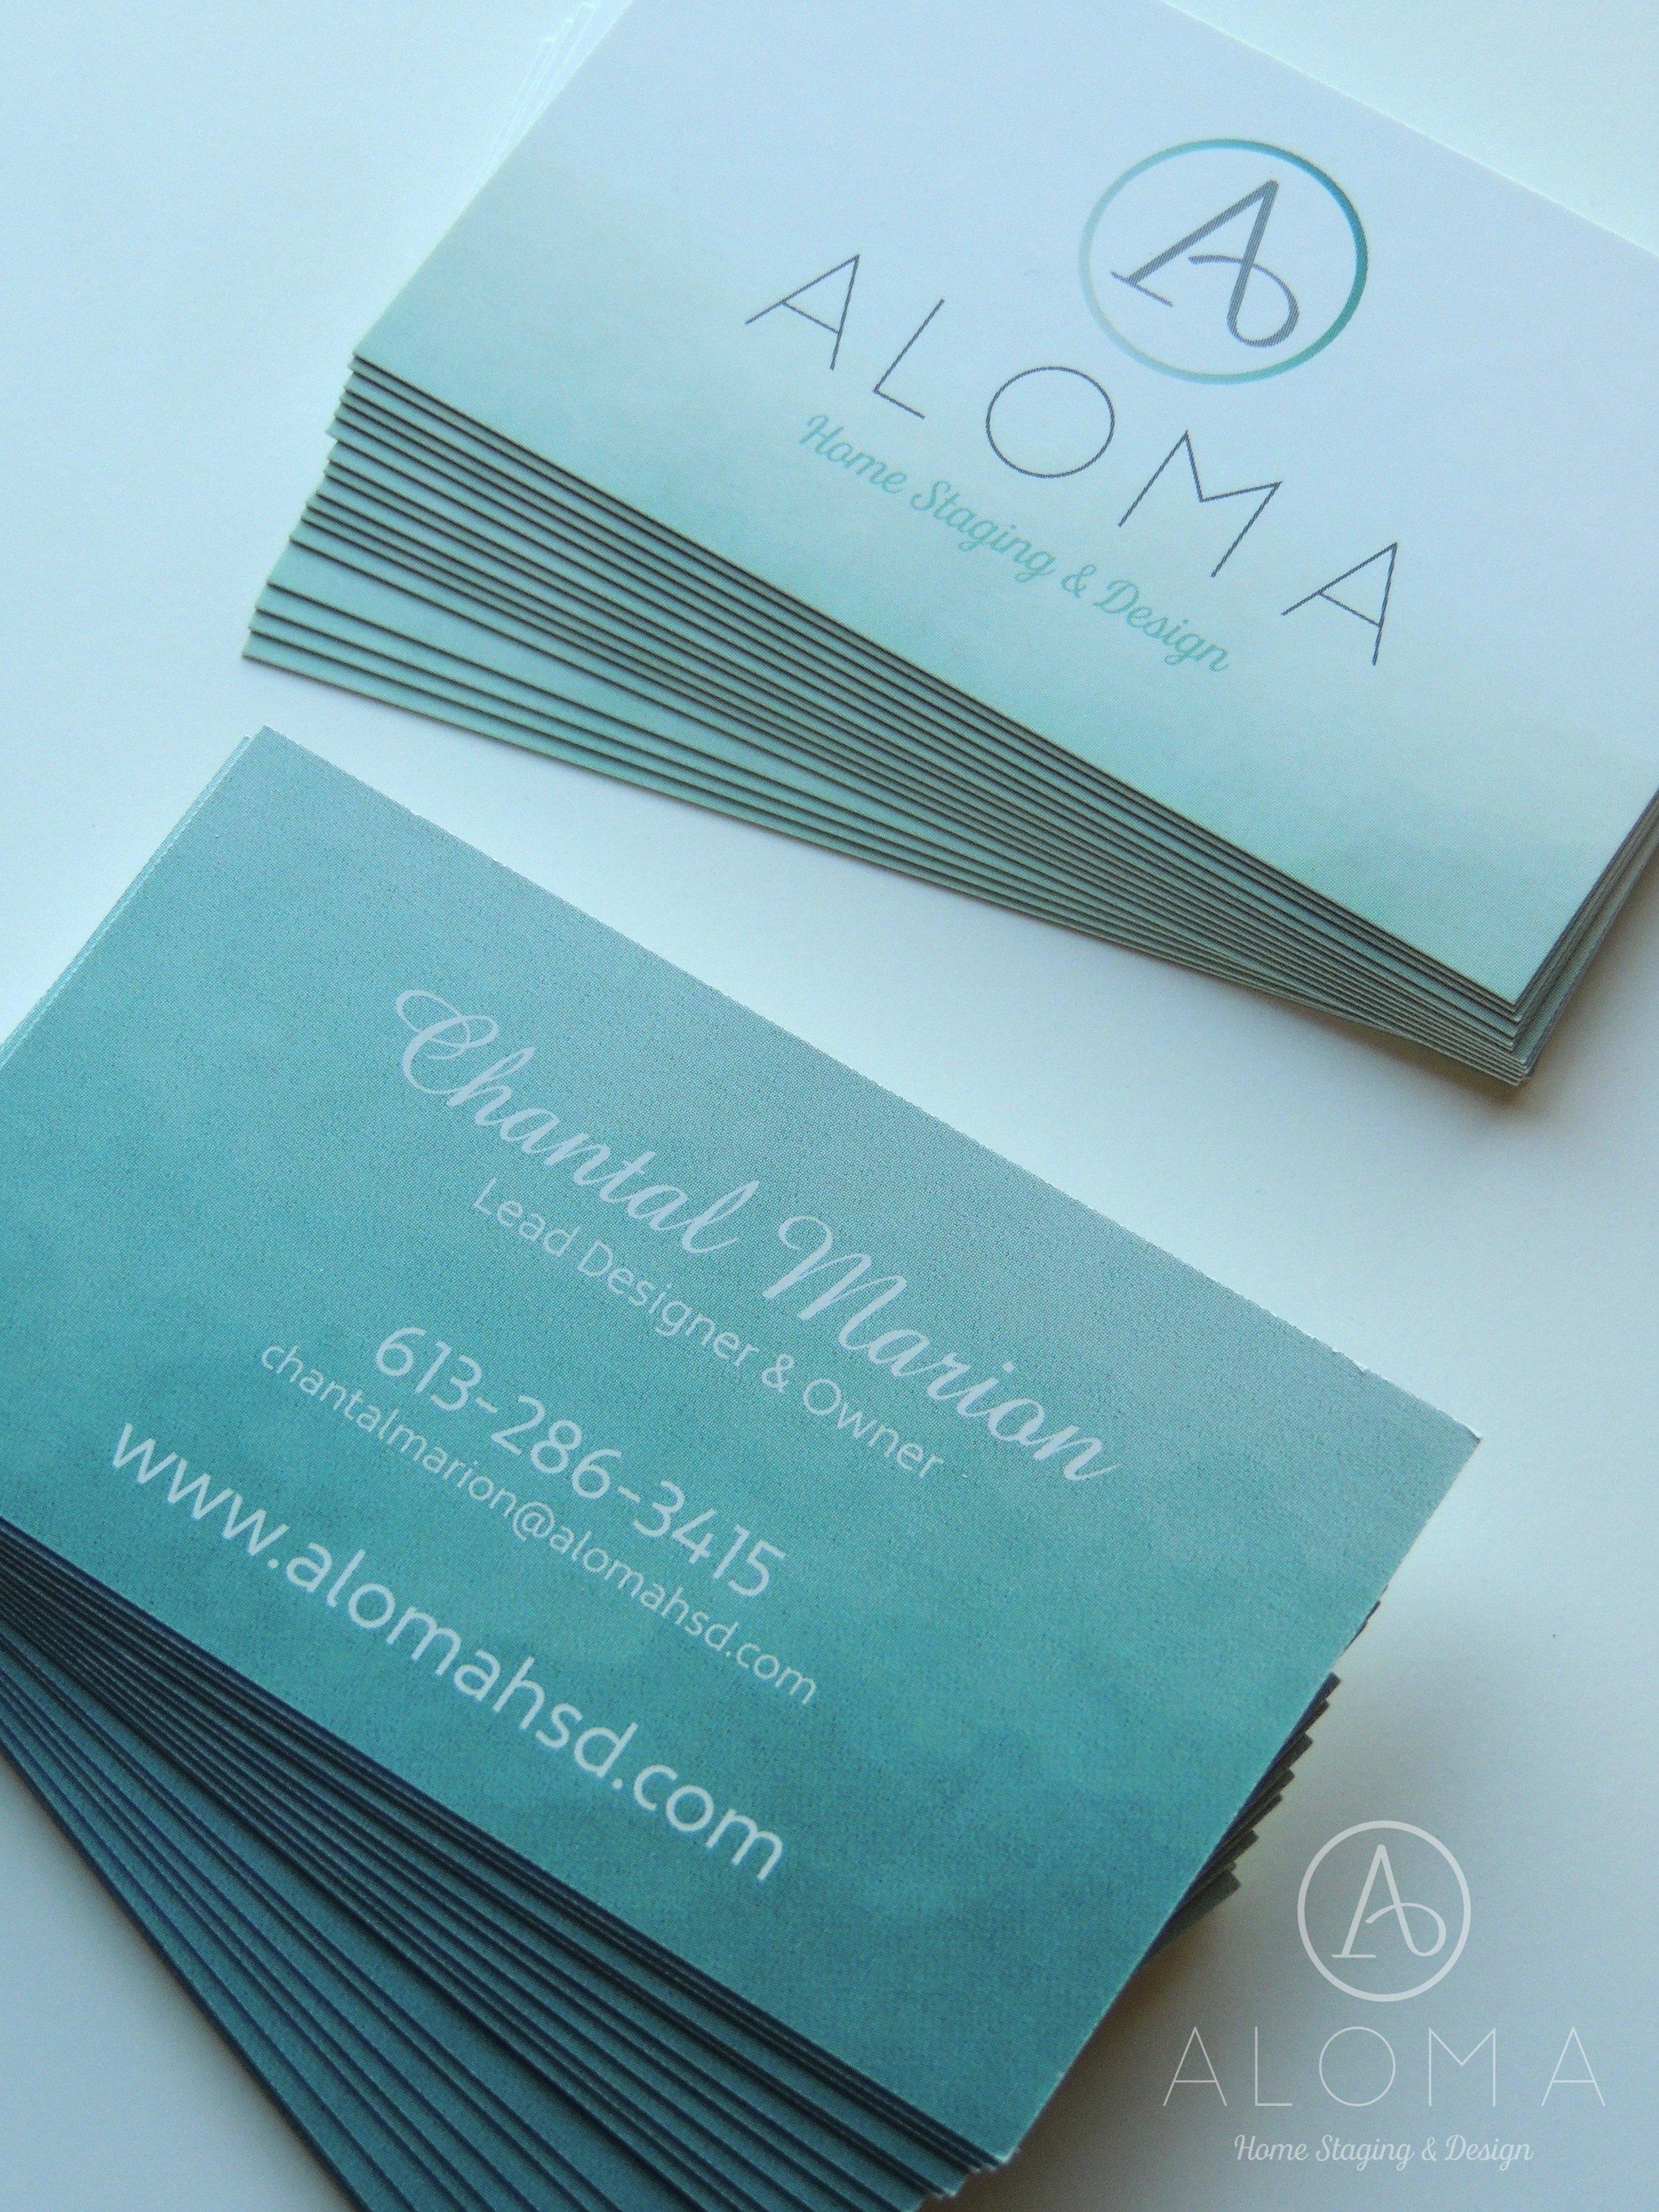 Aloma Home Staging & Design - Chantal Marion Lead Designer & Owner